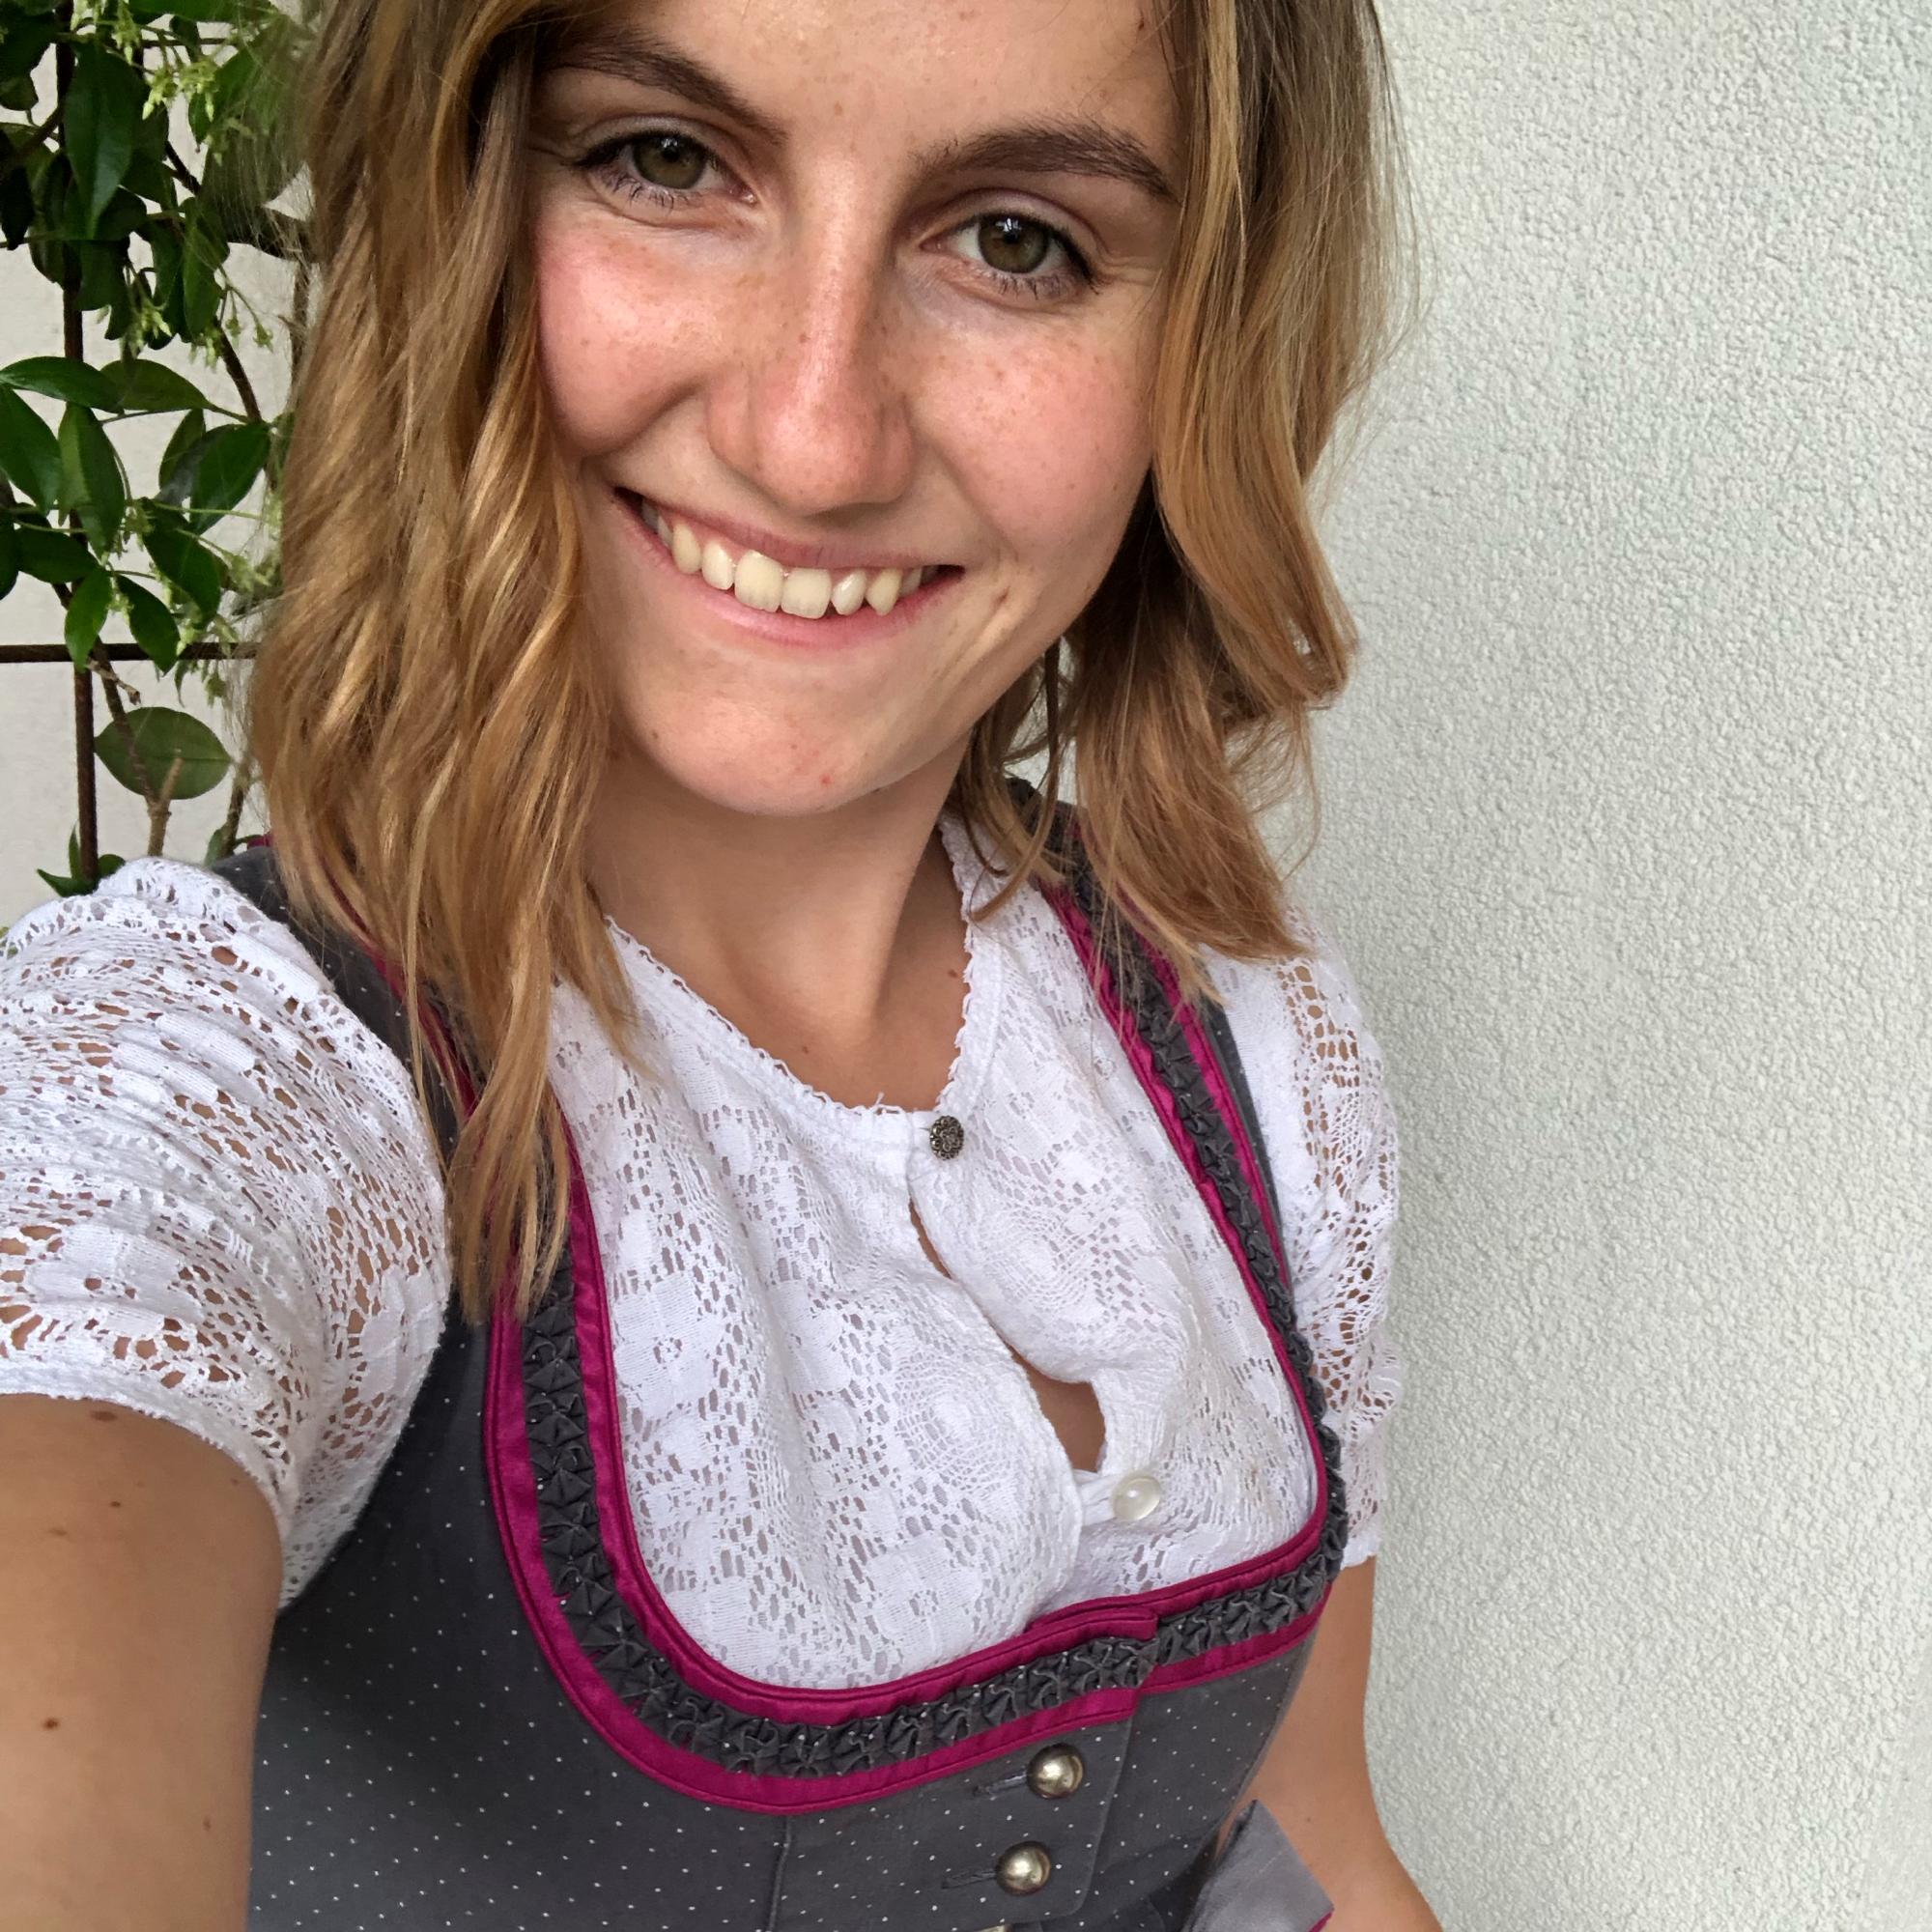 Image of Hannah Gallmetzer